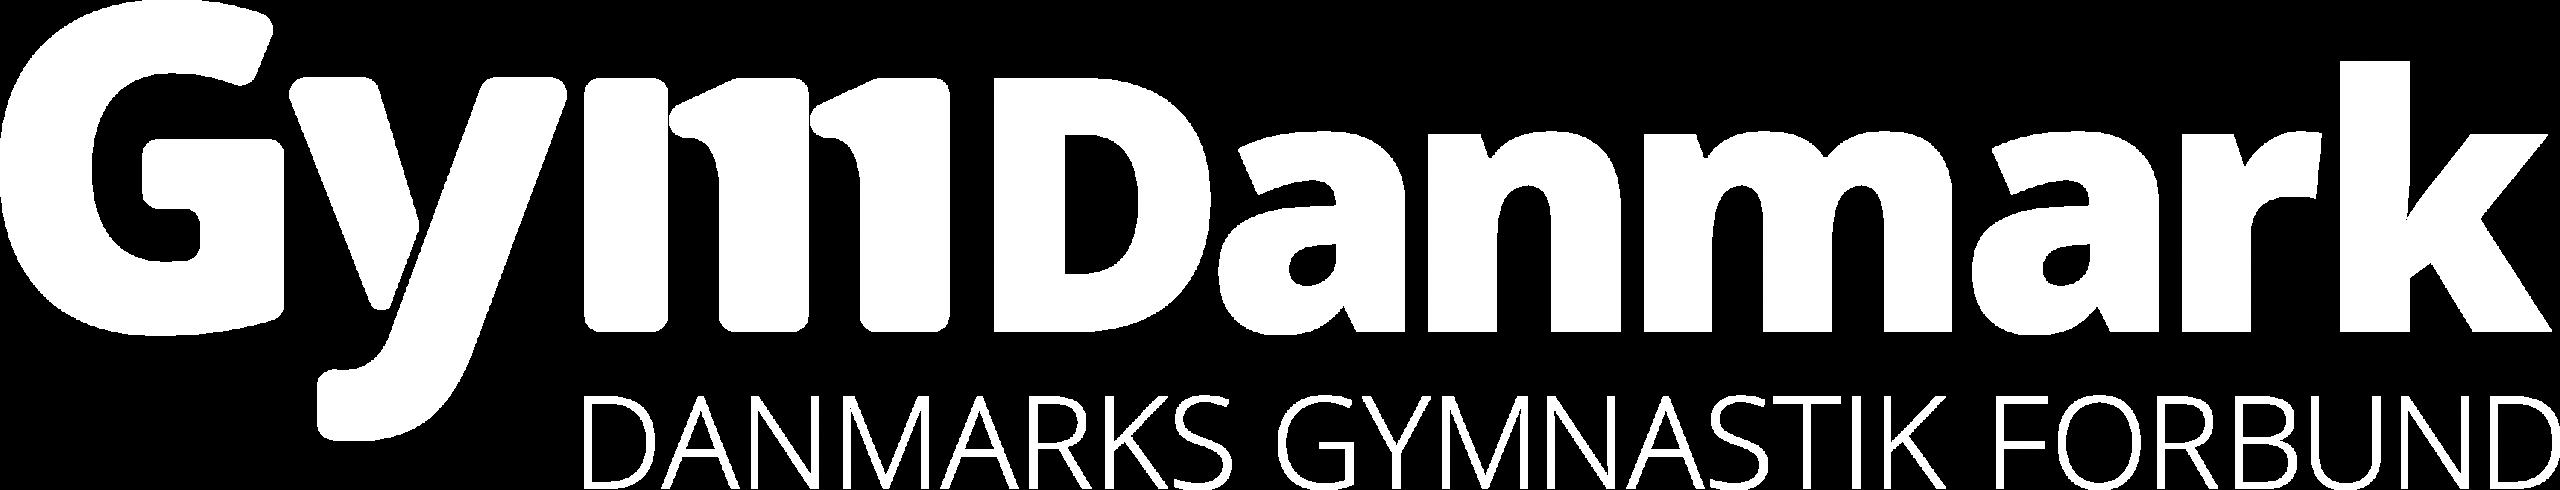 GymDanmark Danmarks gymnastik forbund